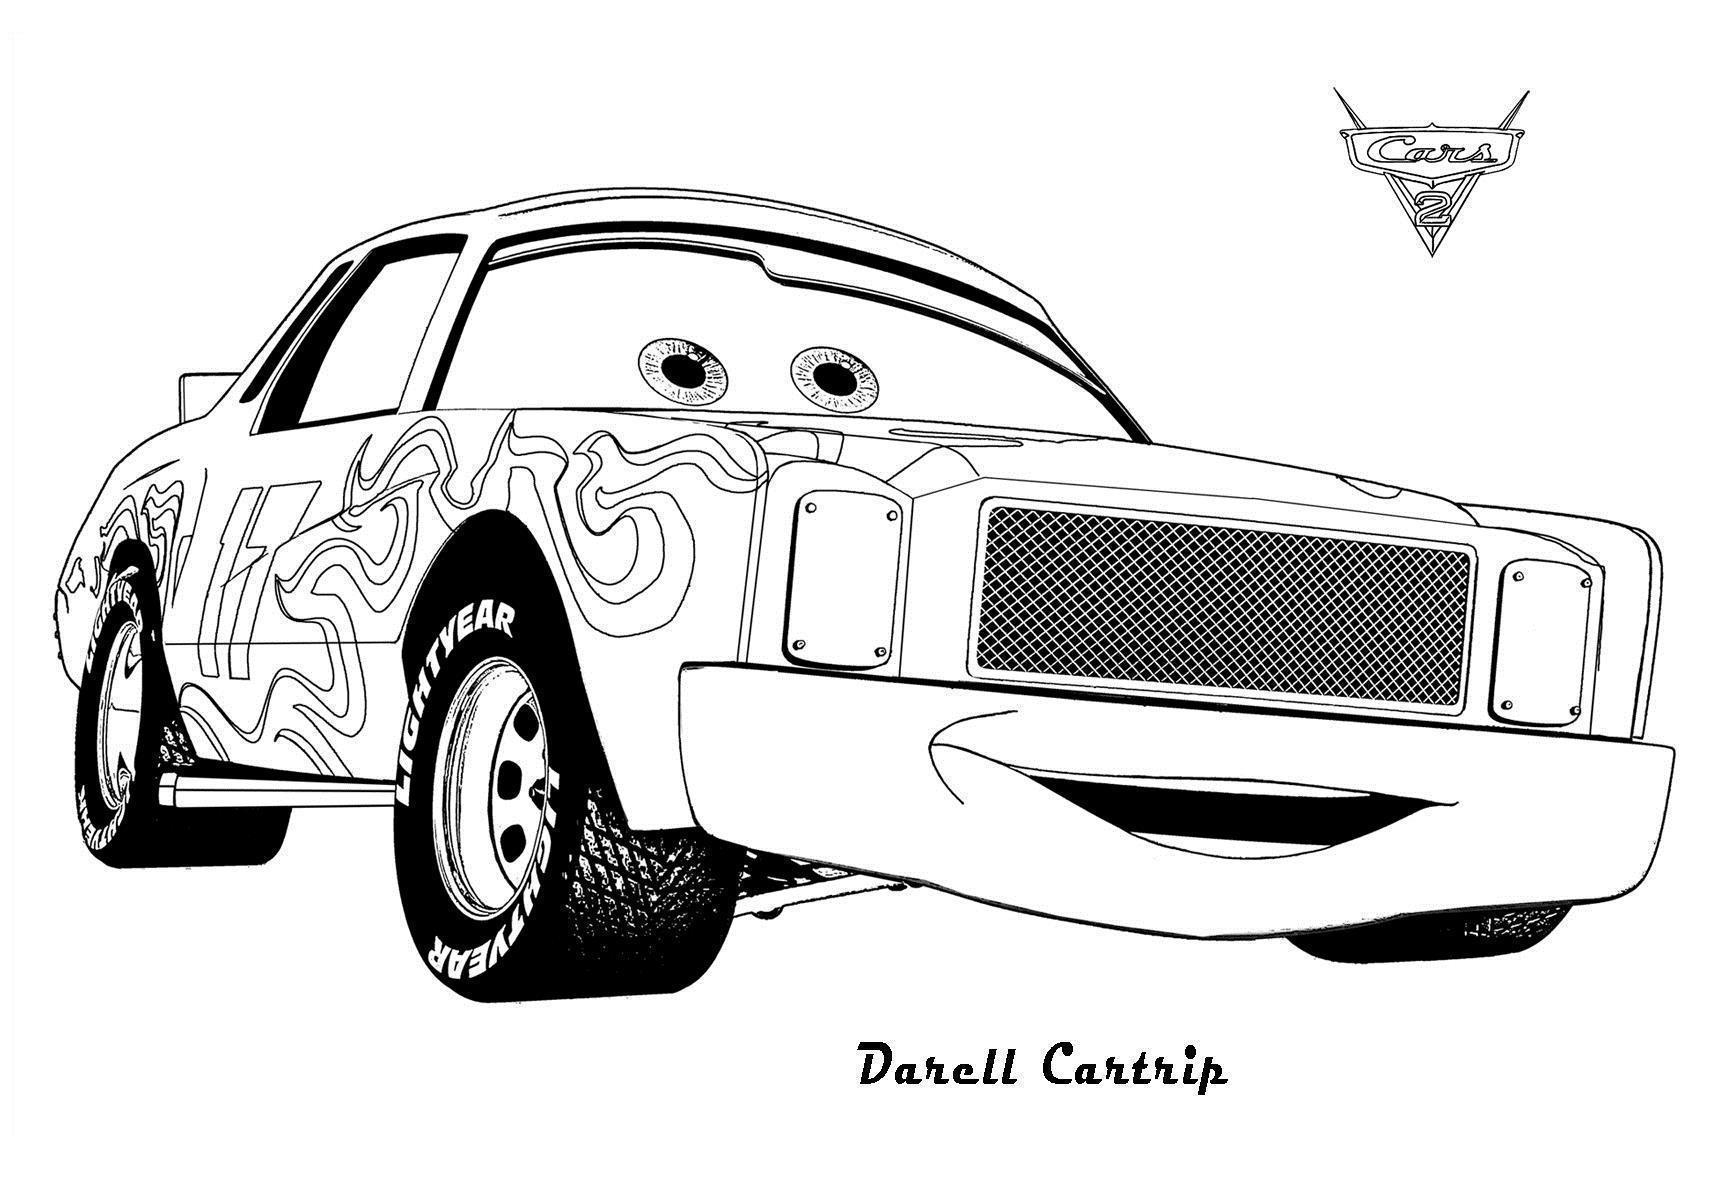 Машина дарел из мультфильма тачки 2 Скачать раскраски для мальчиков